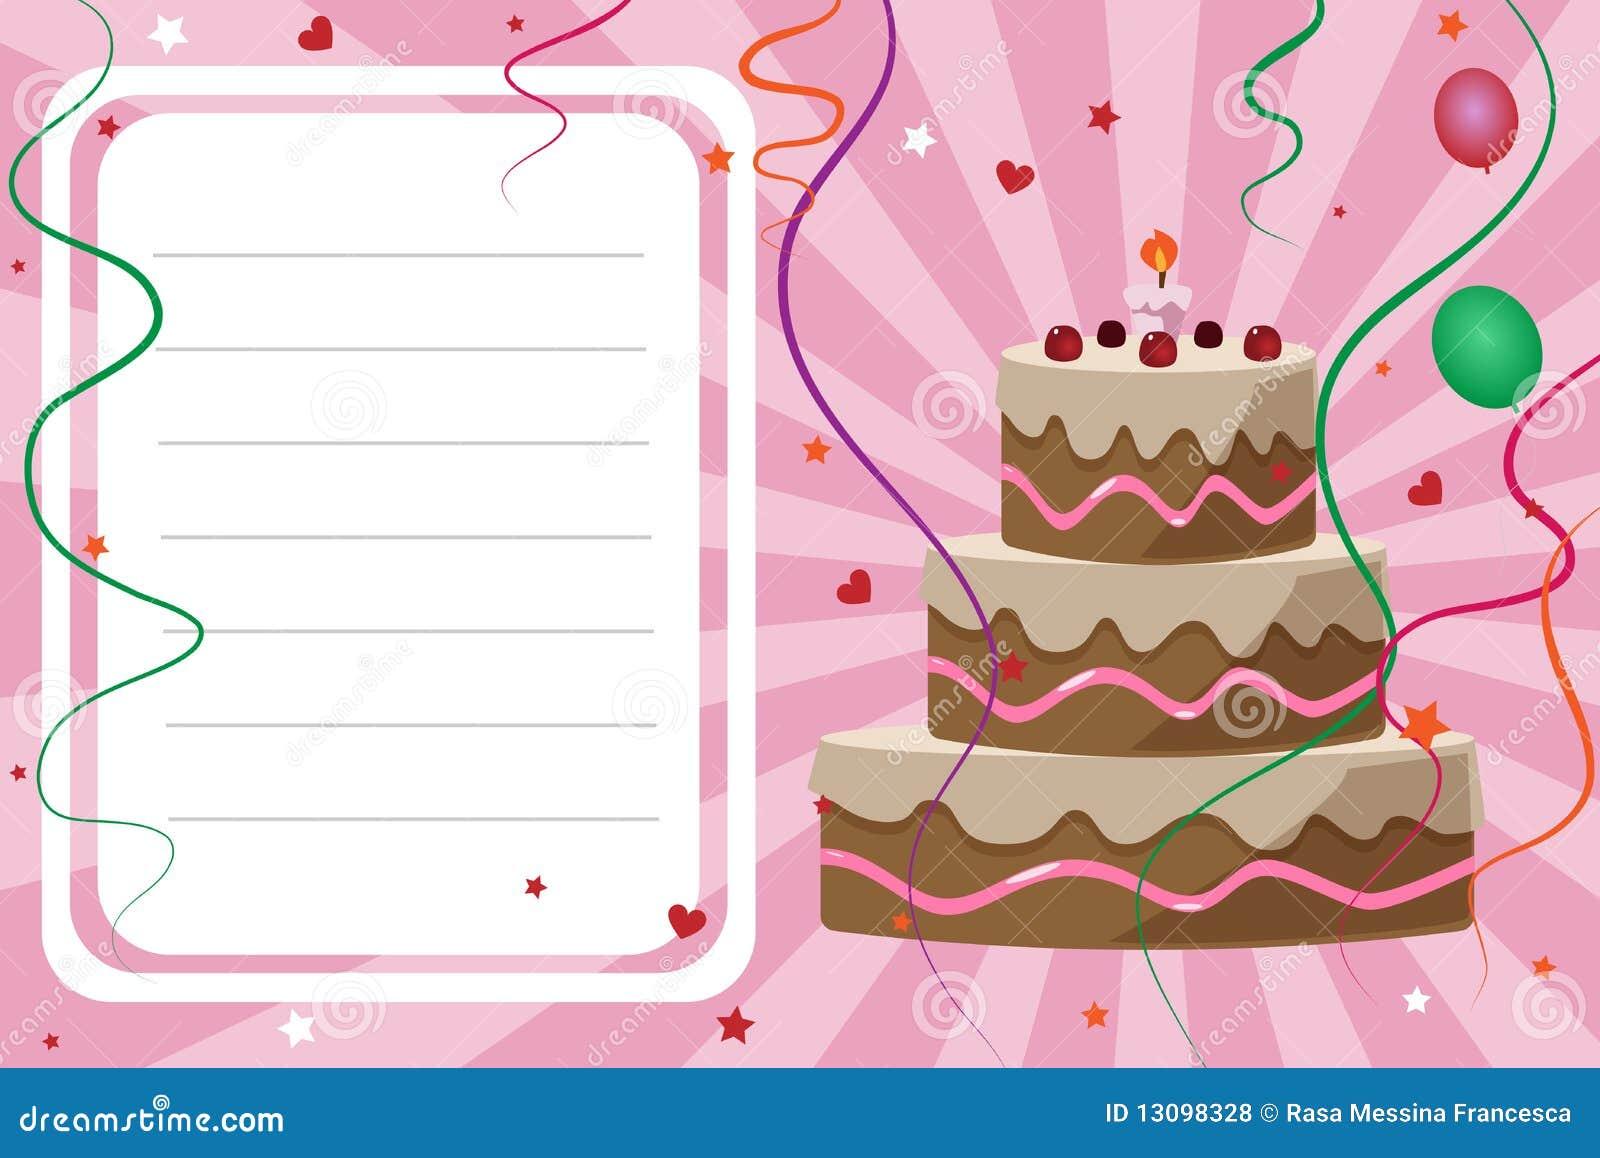 Рисунок на пригласительный ко дню рождения